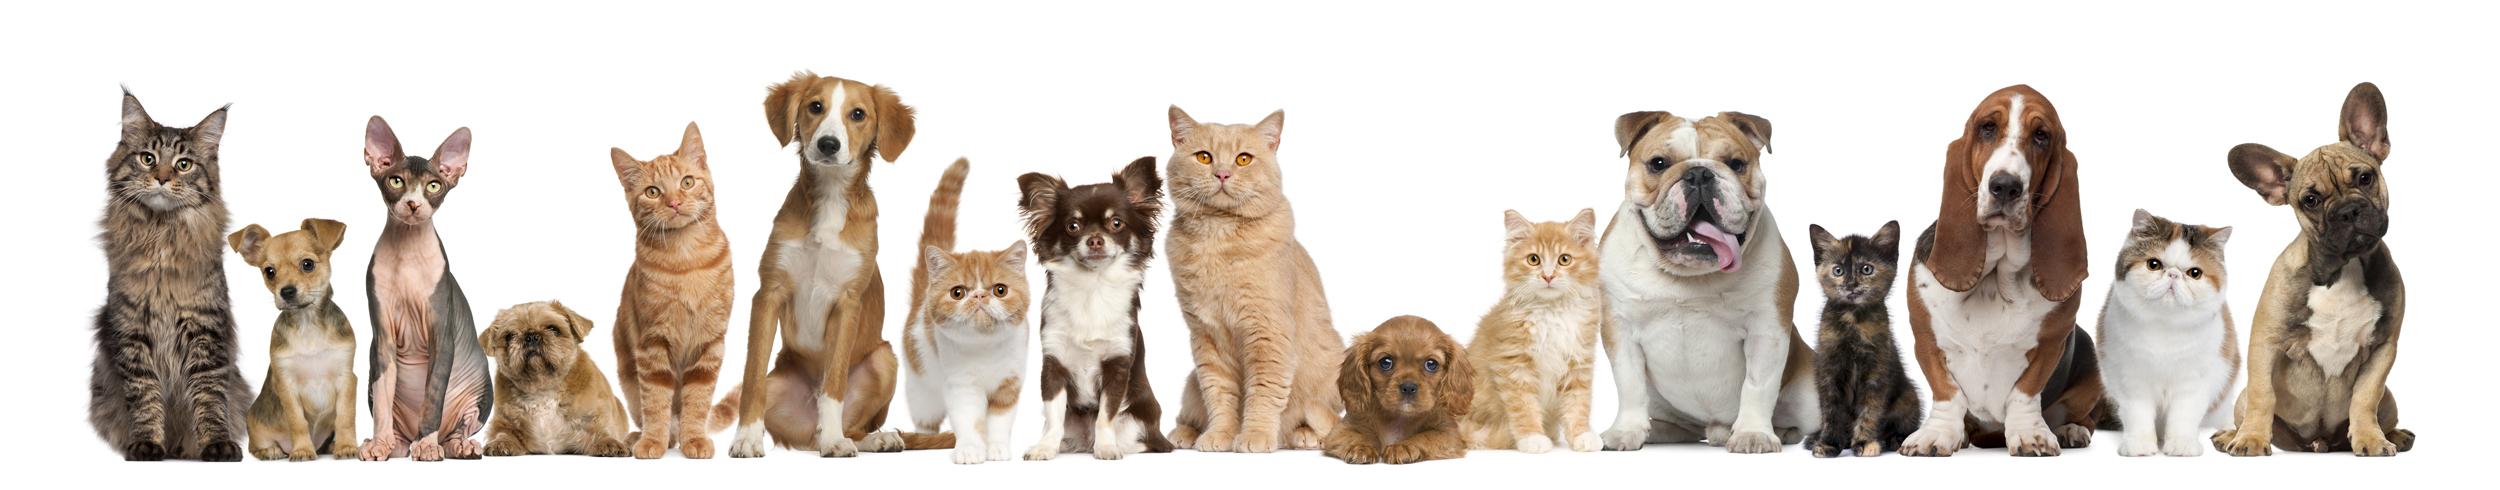 Gruppo di cani e gatti di fronte a sfondo bianco